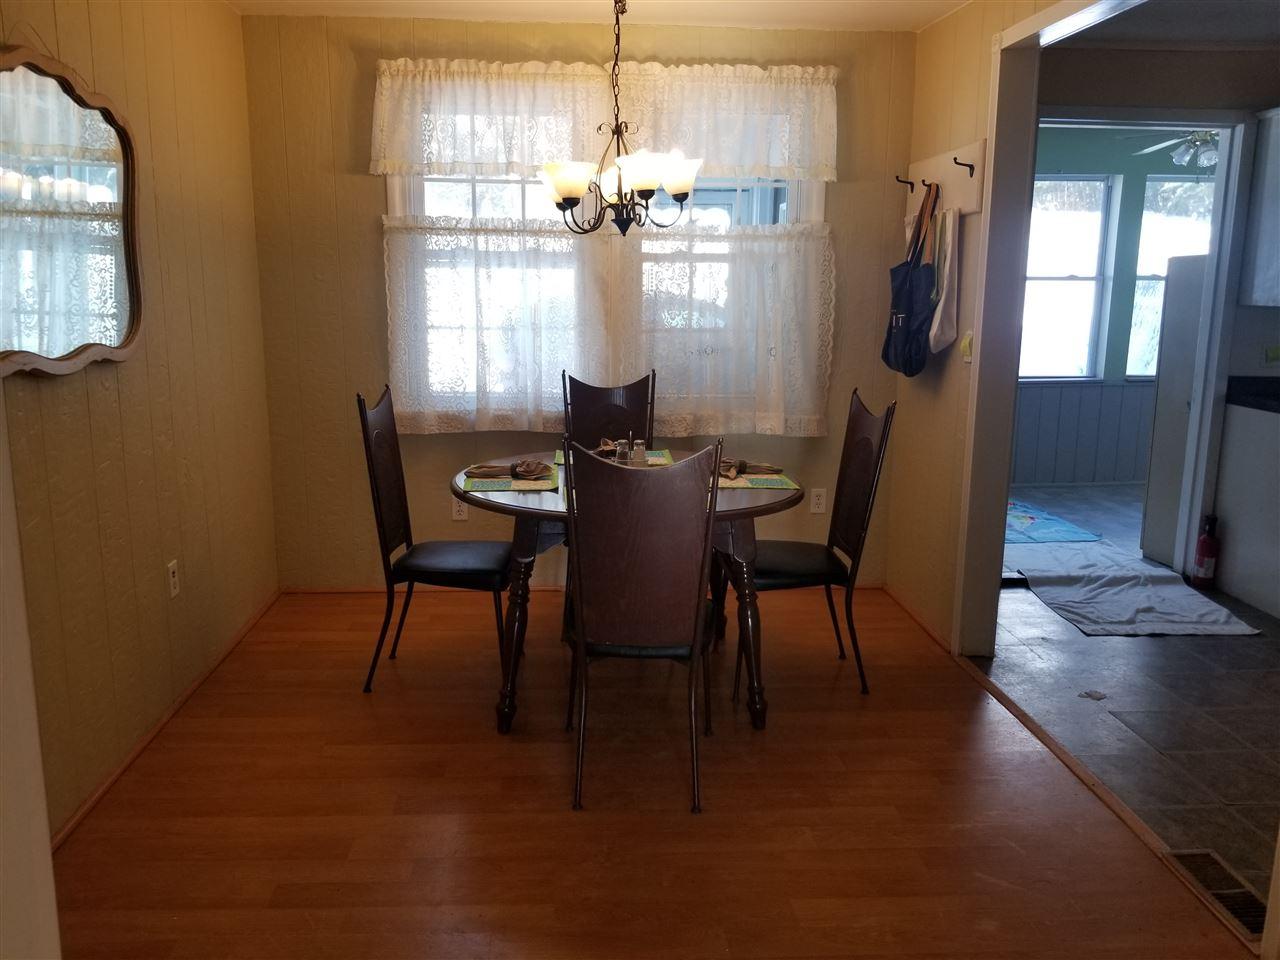 Dining Room 11300836